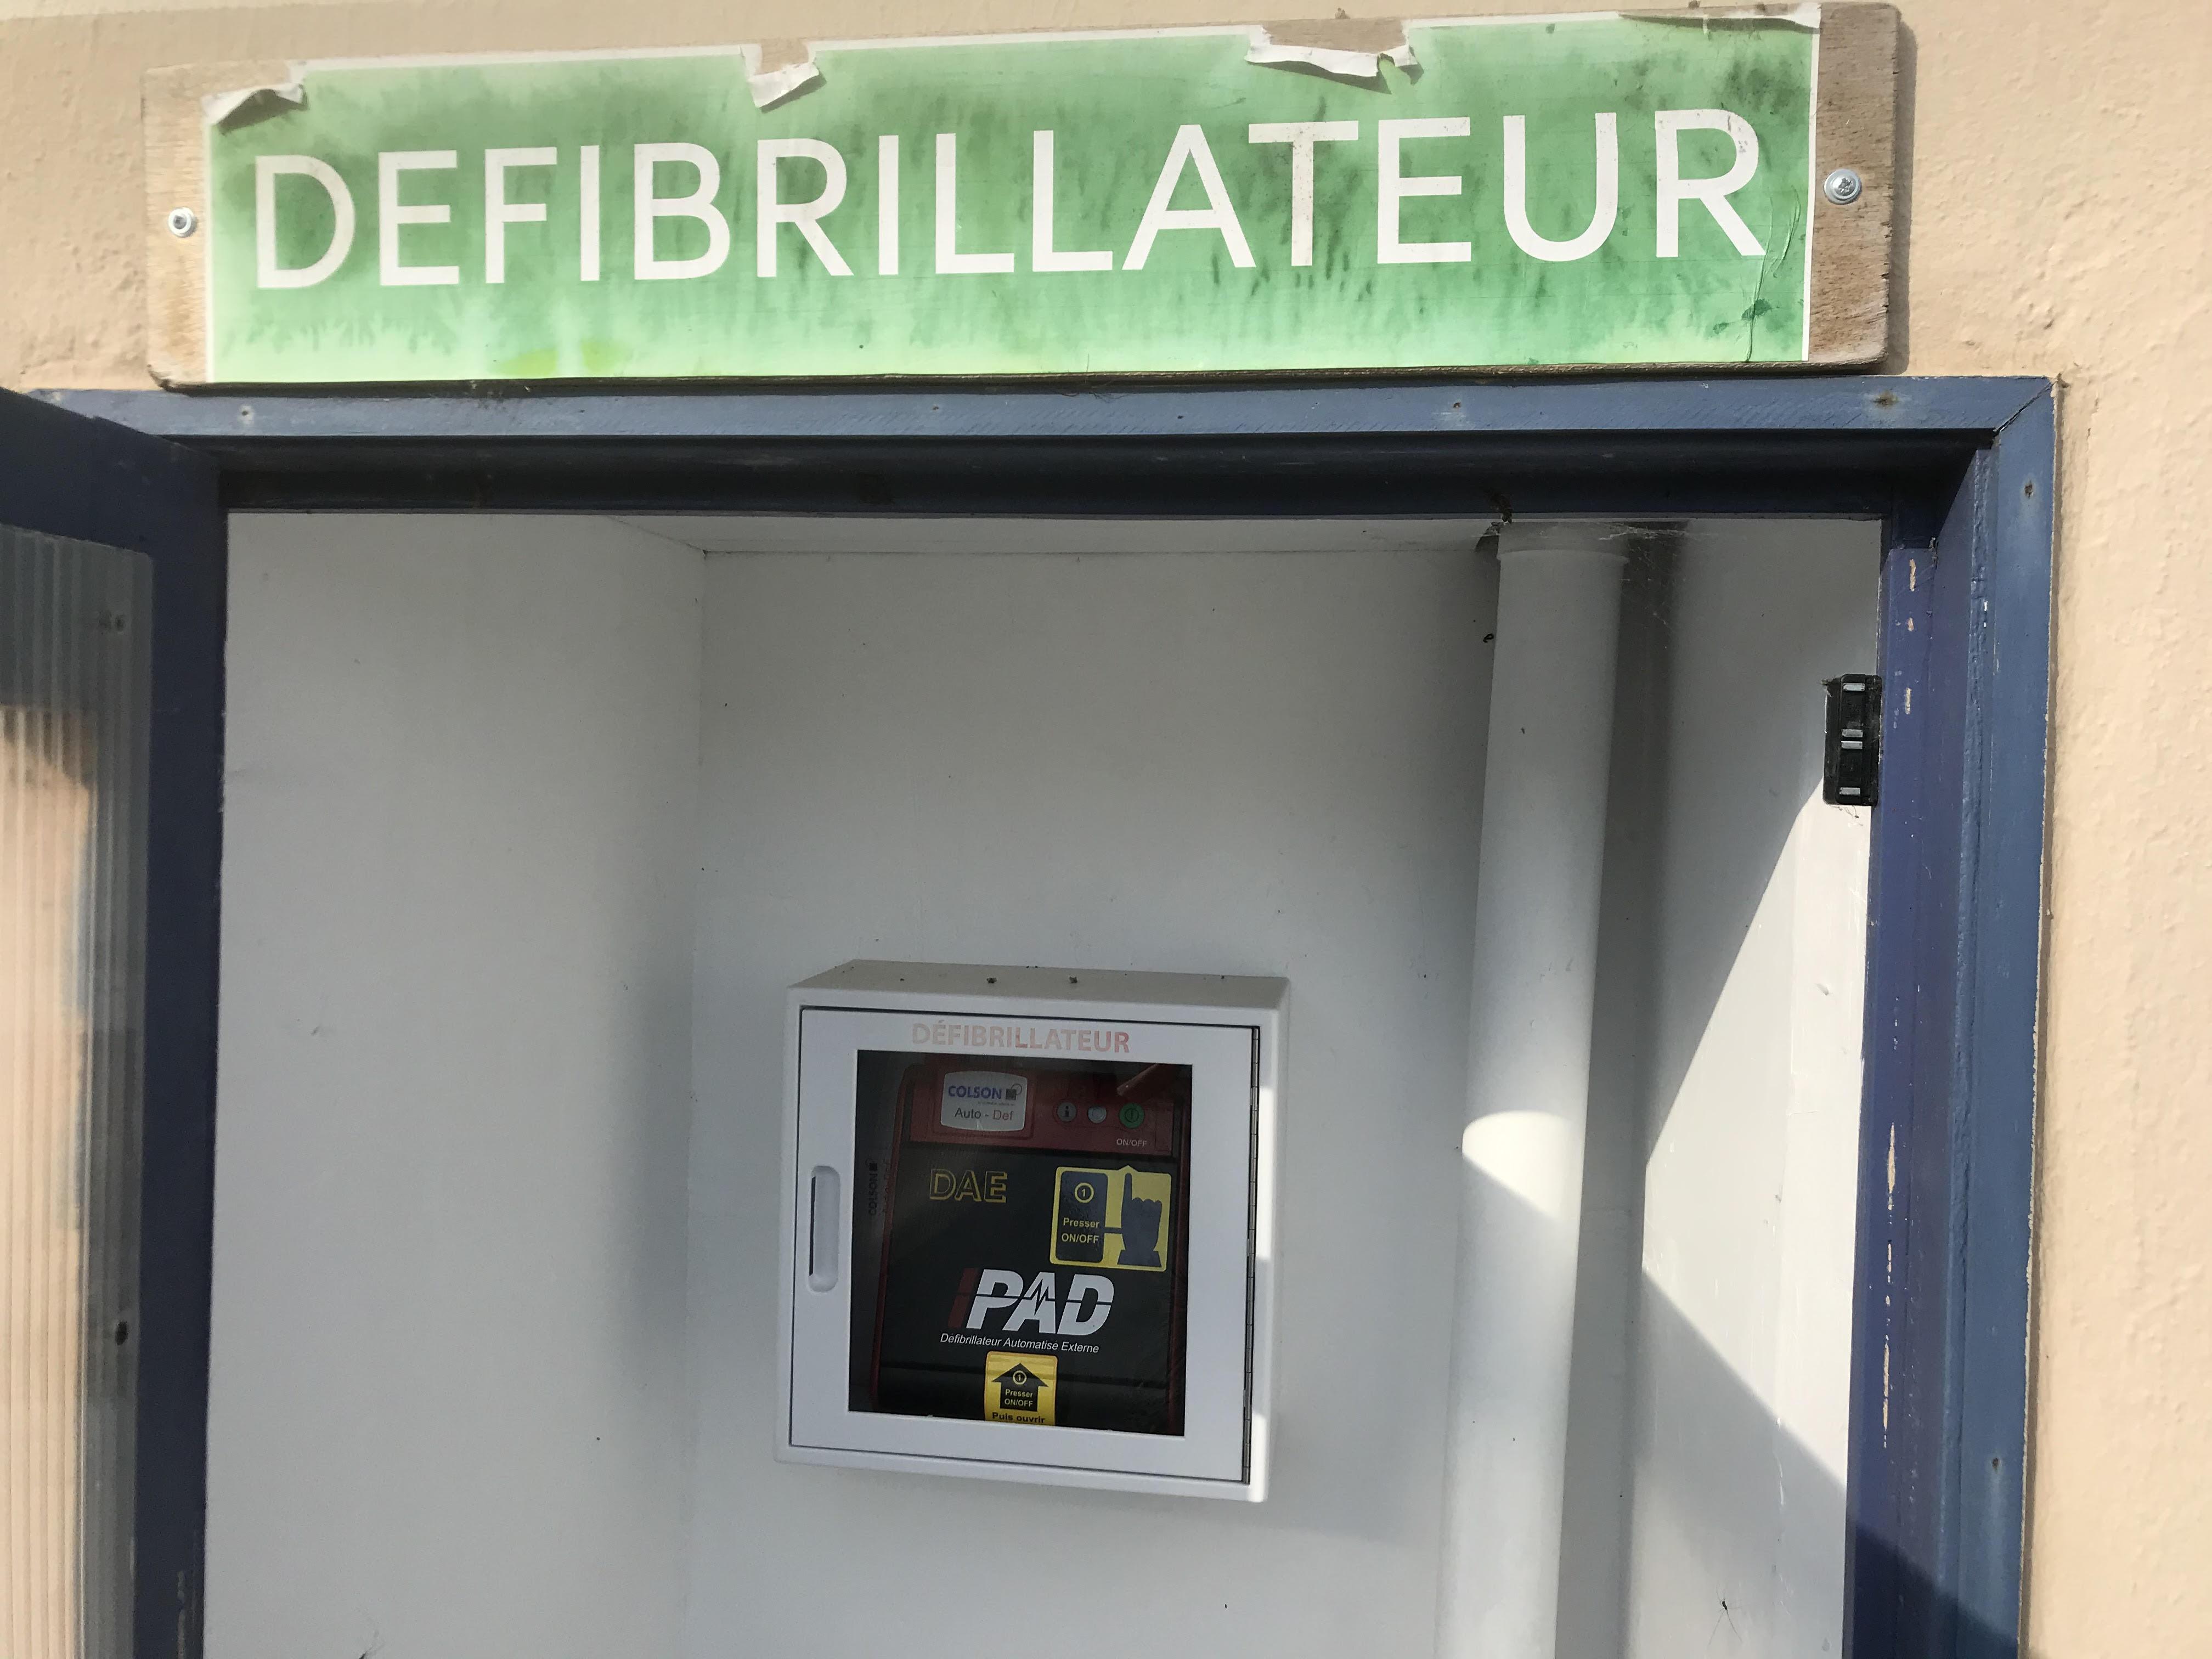 défibrillateur1.jpg